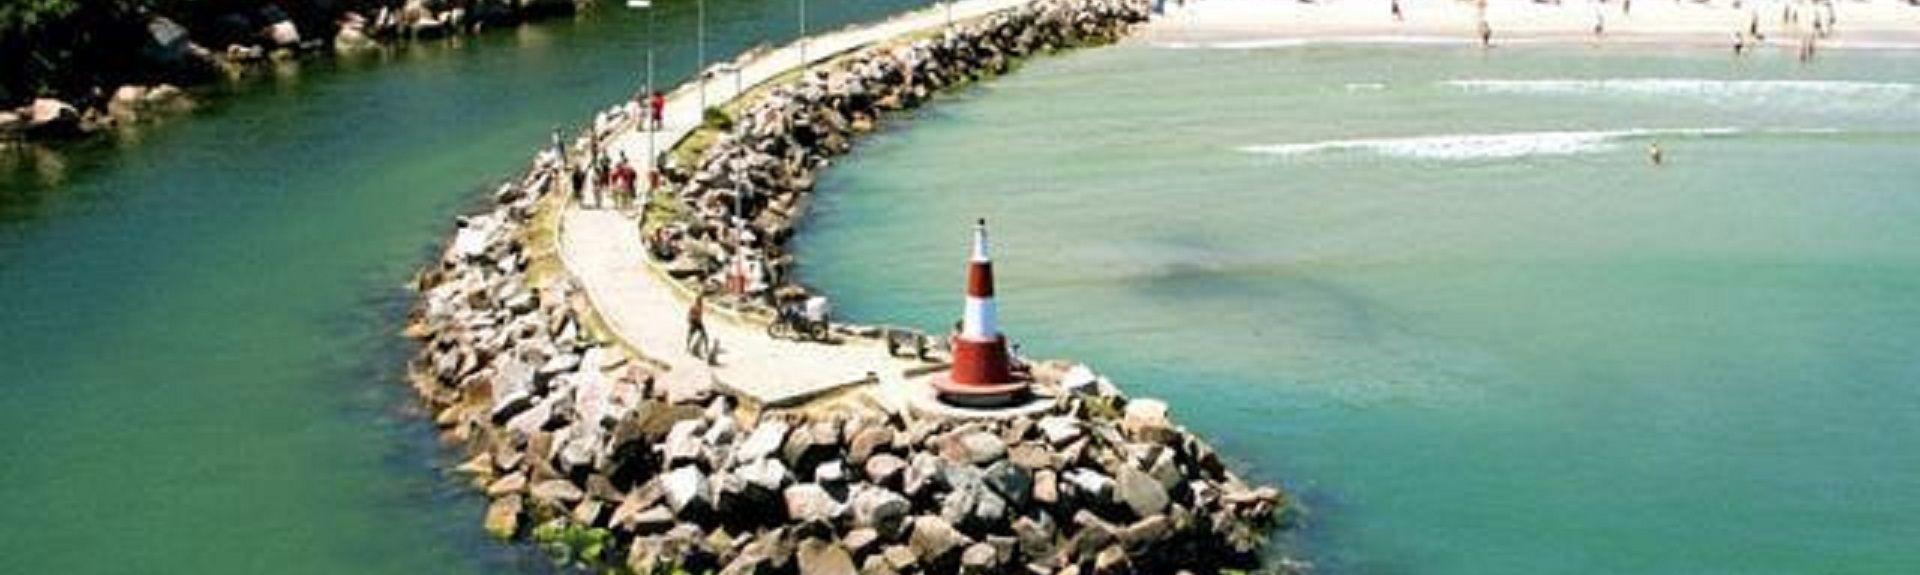 Praia das Galhetas, Florianópolis, Região Sul, Brasil